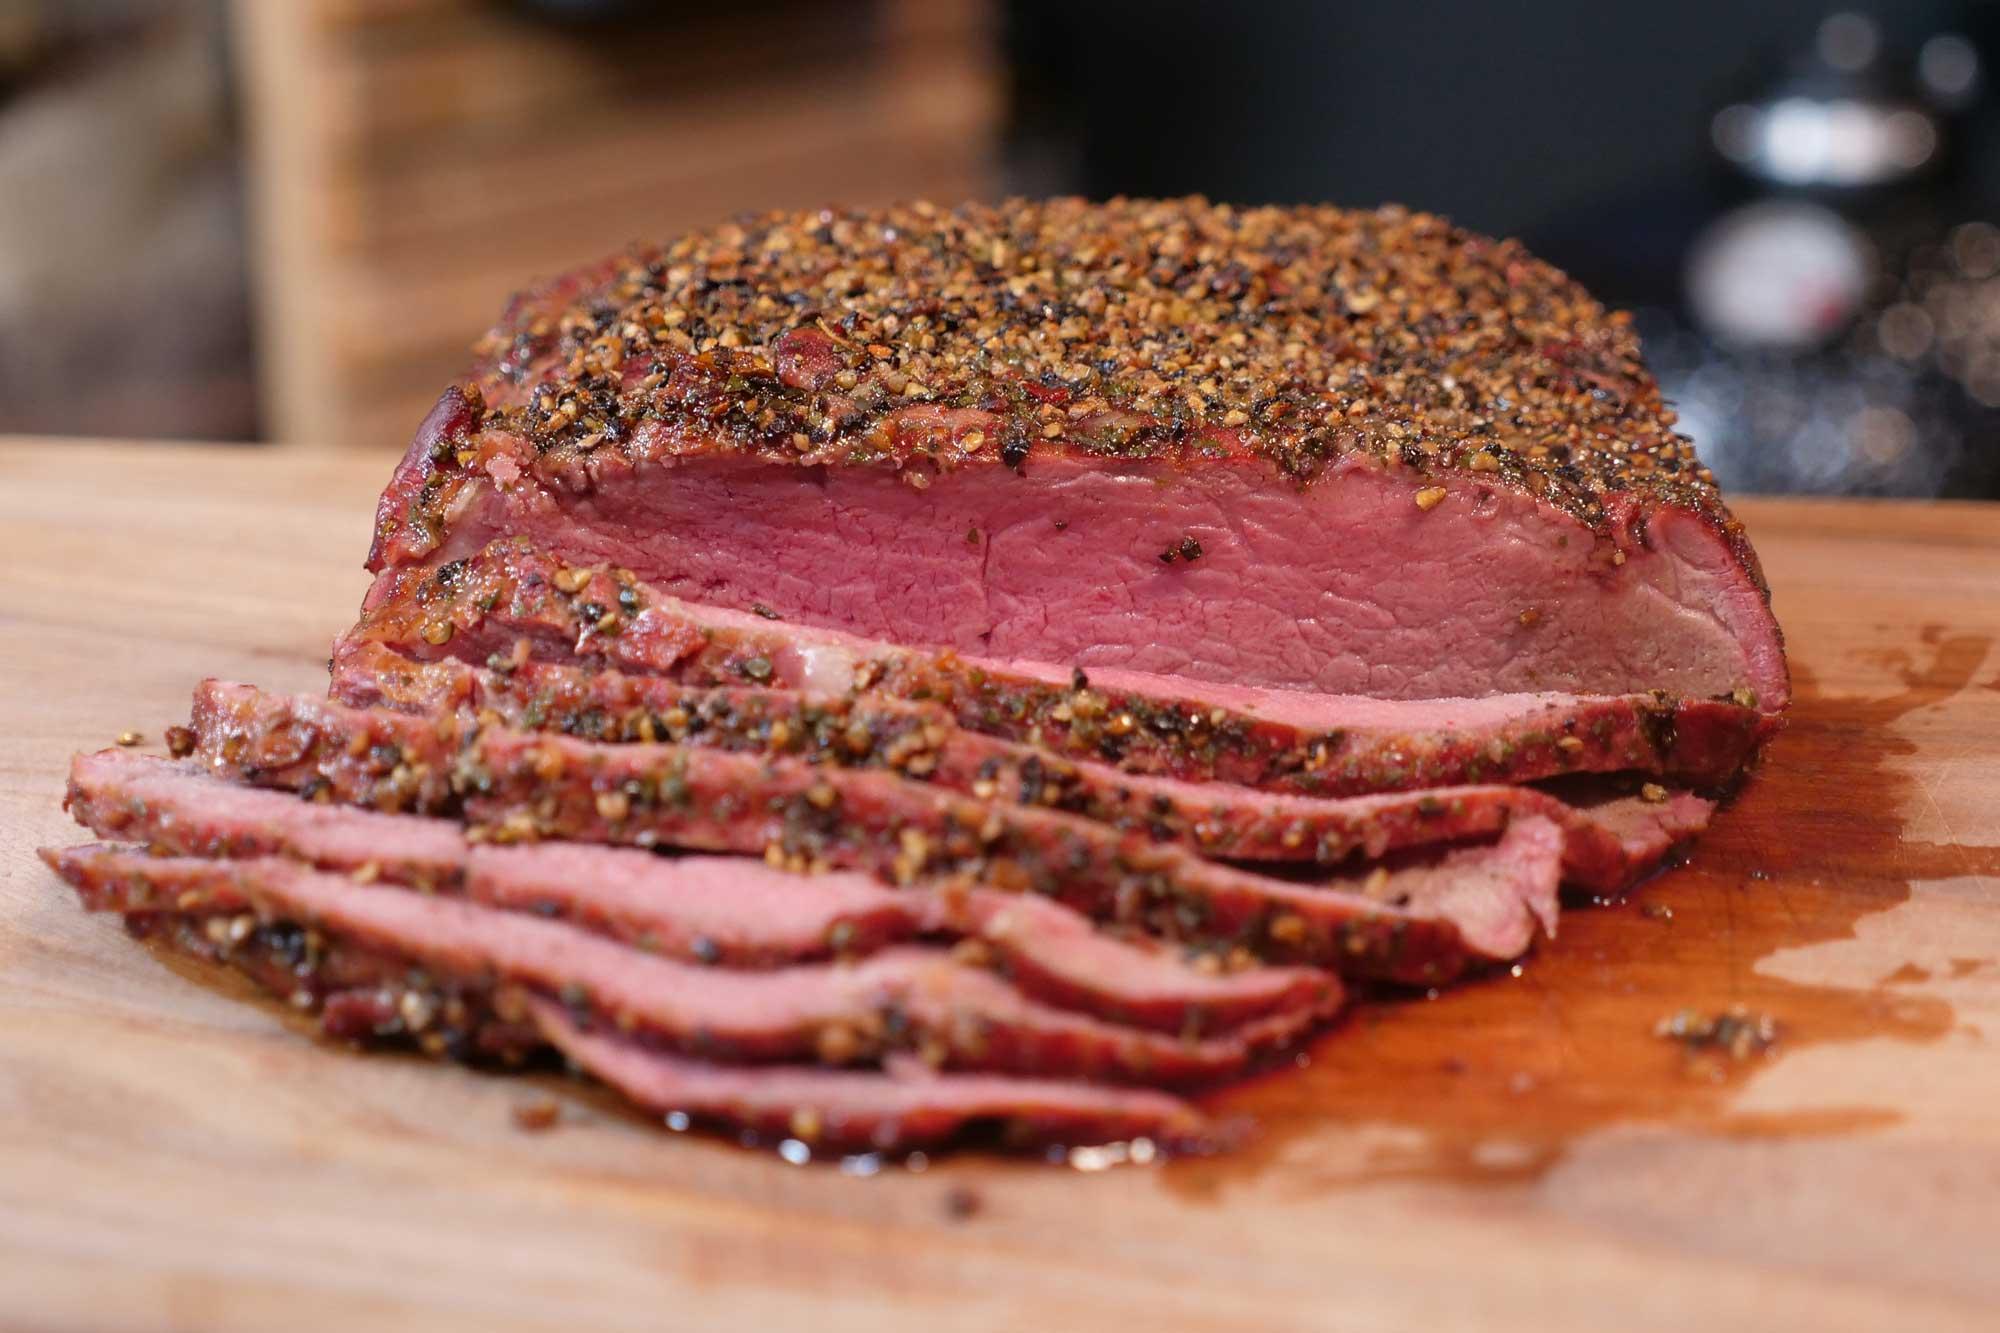 Gegrillter Roastbeef Braten | Super saftig und lecker